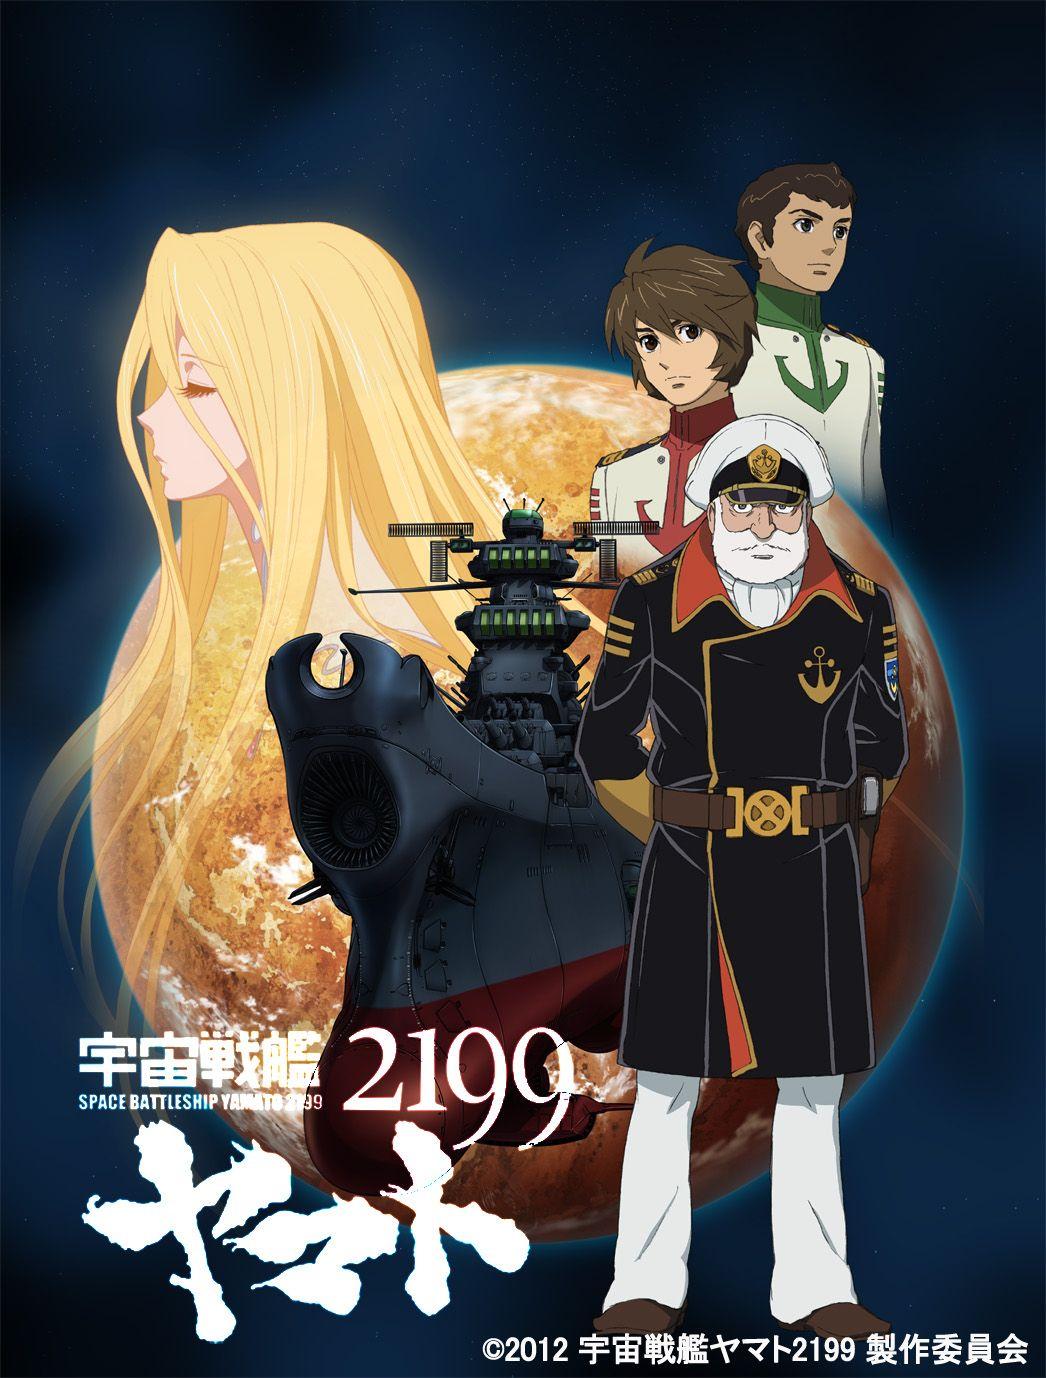 Personajes y nave con la Tierra devastada de fondo